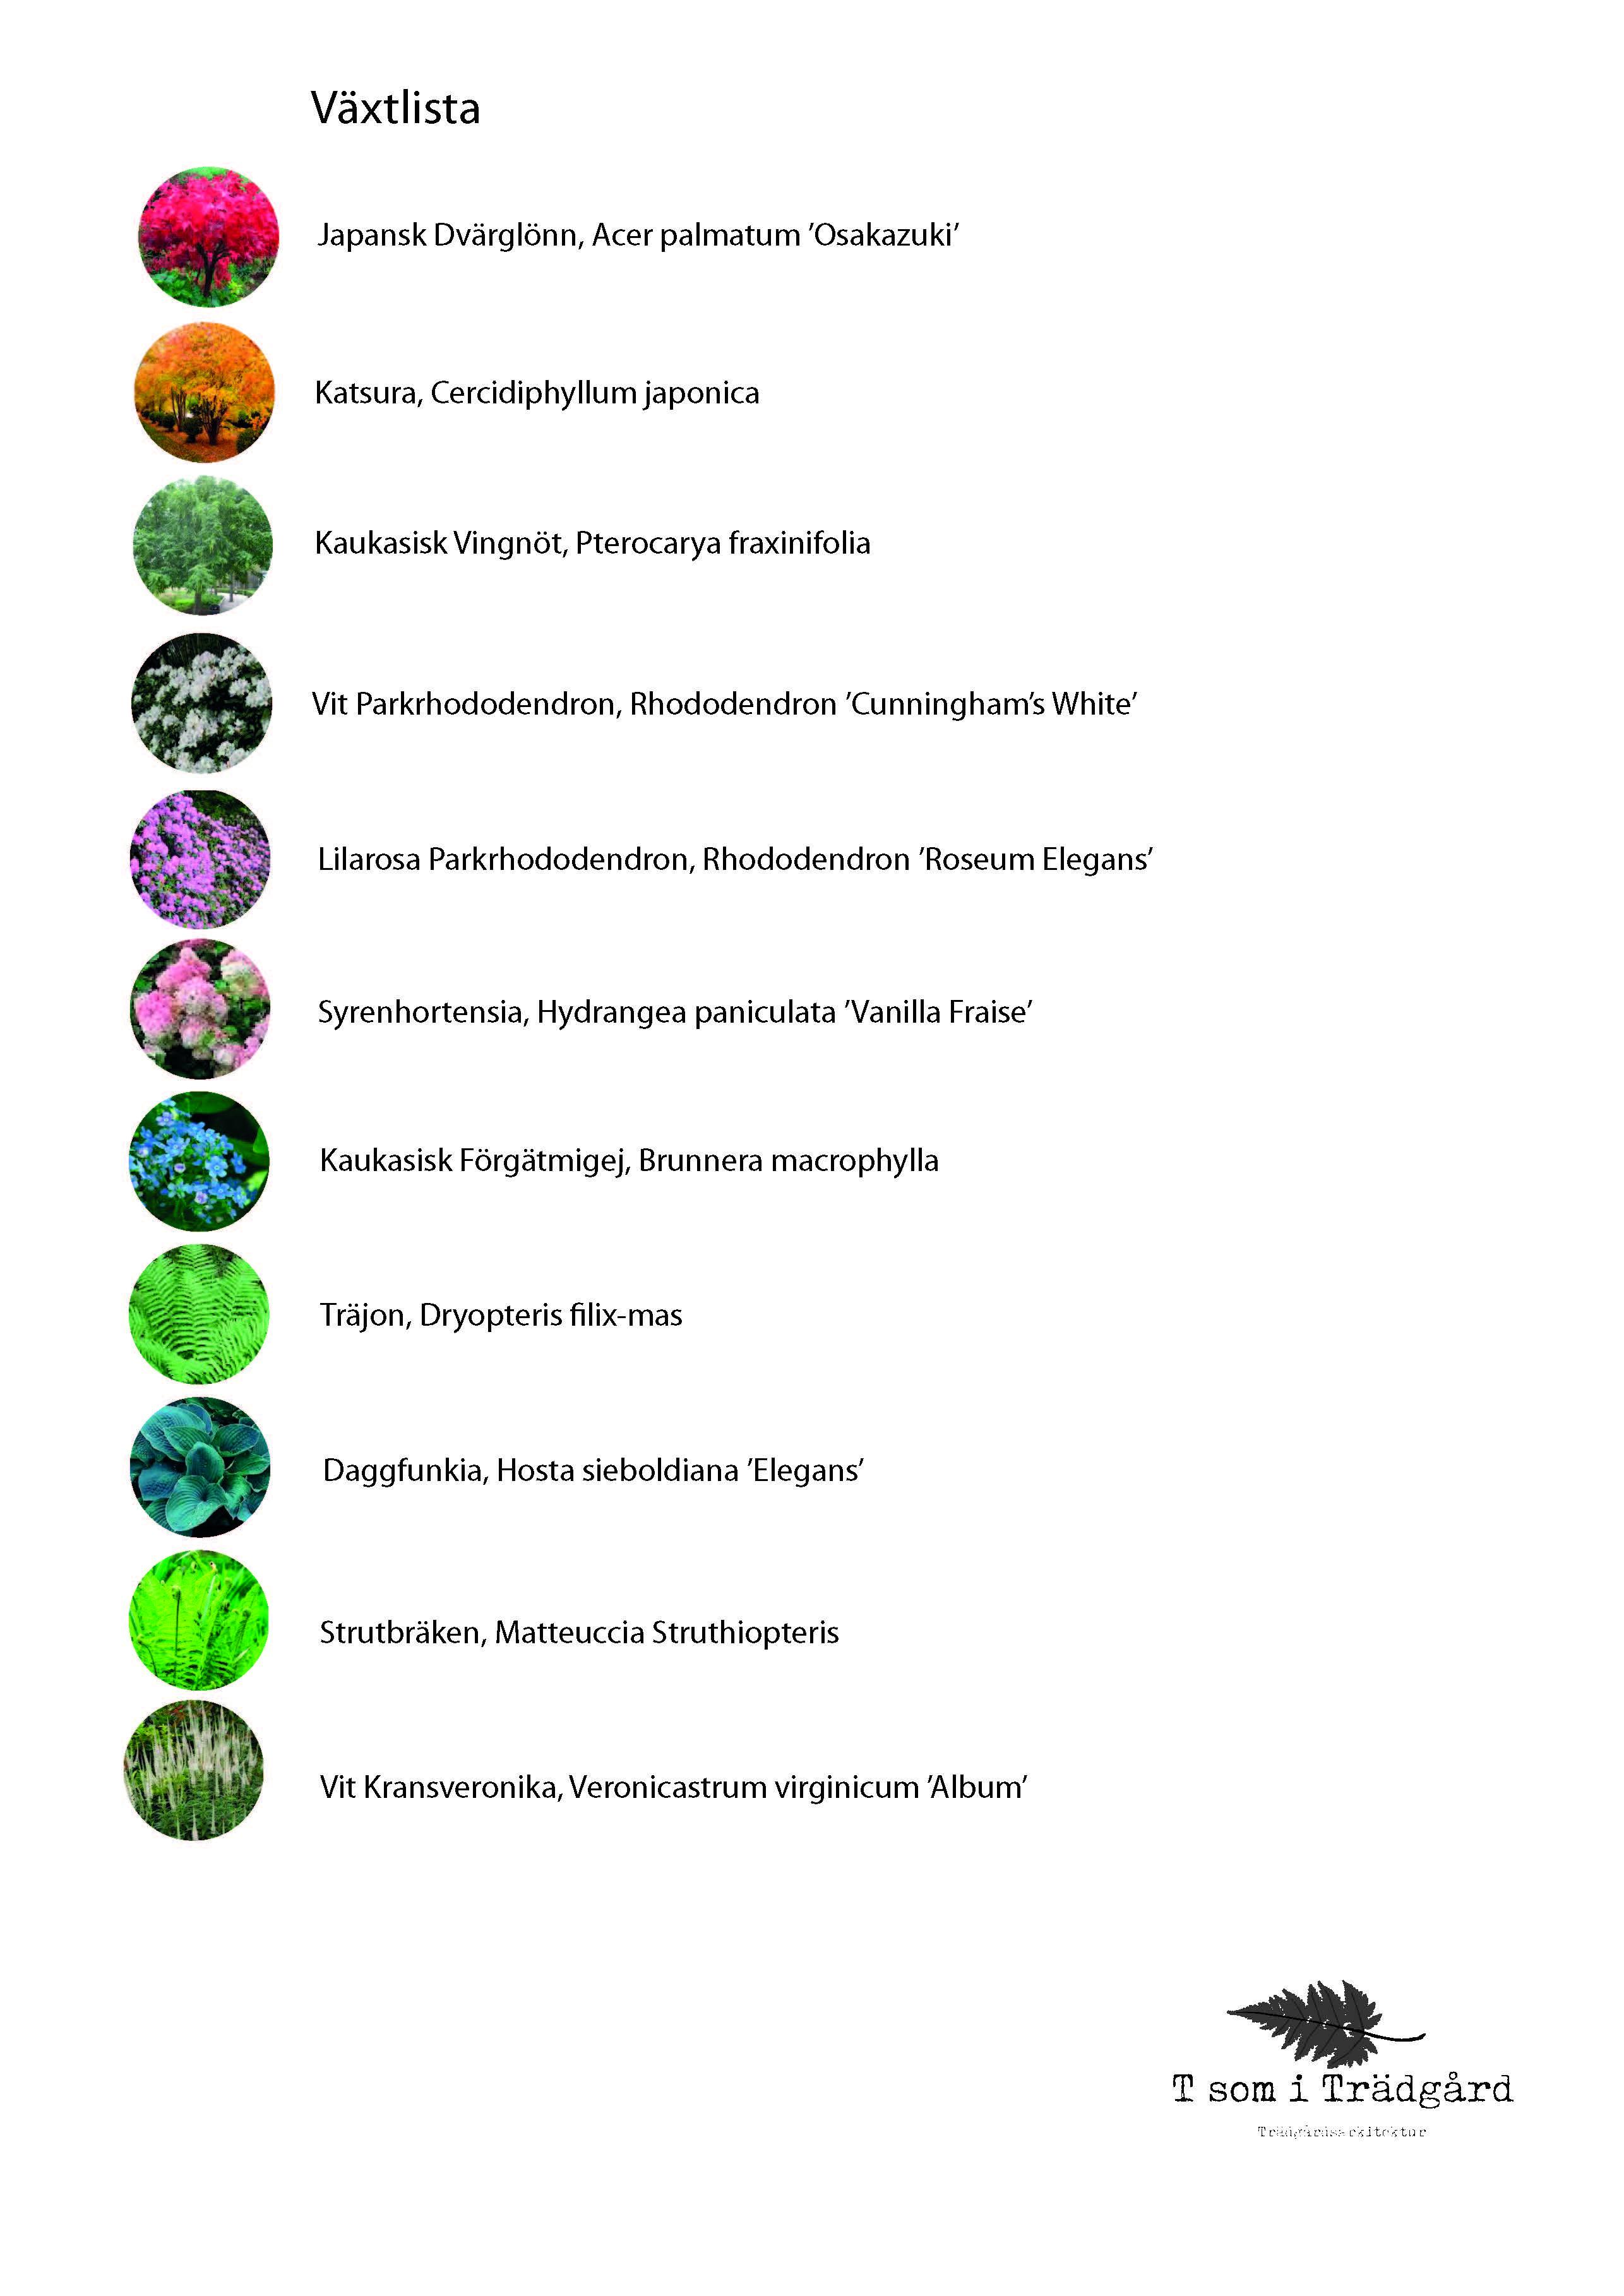 Växtlista, växter, Trädgårdsdesign, Trädgårdsarkitektur